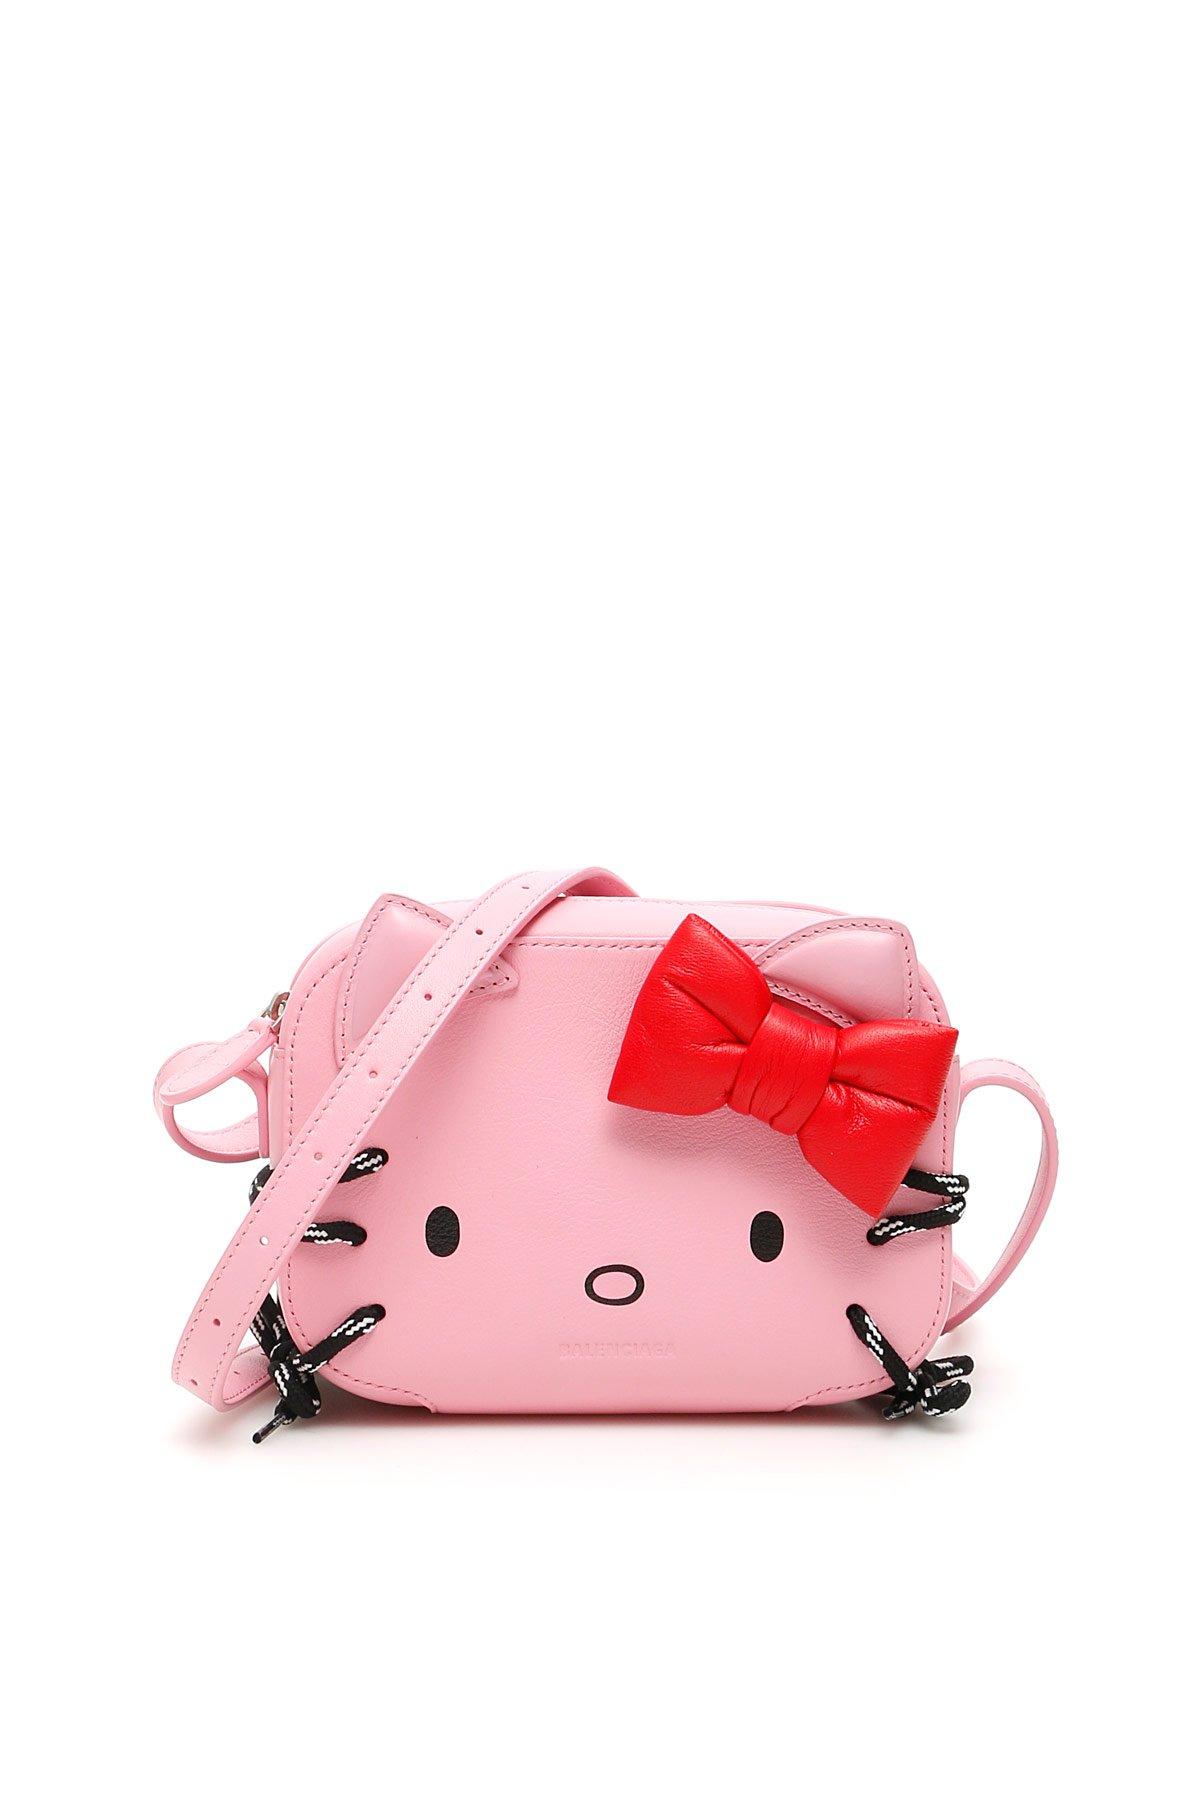 Balenciaga camera bag xs hello kitty